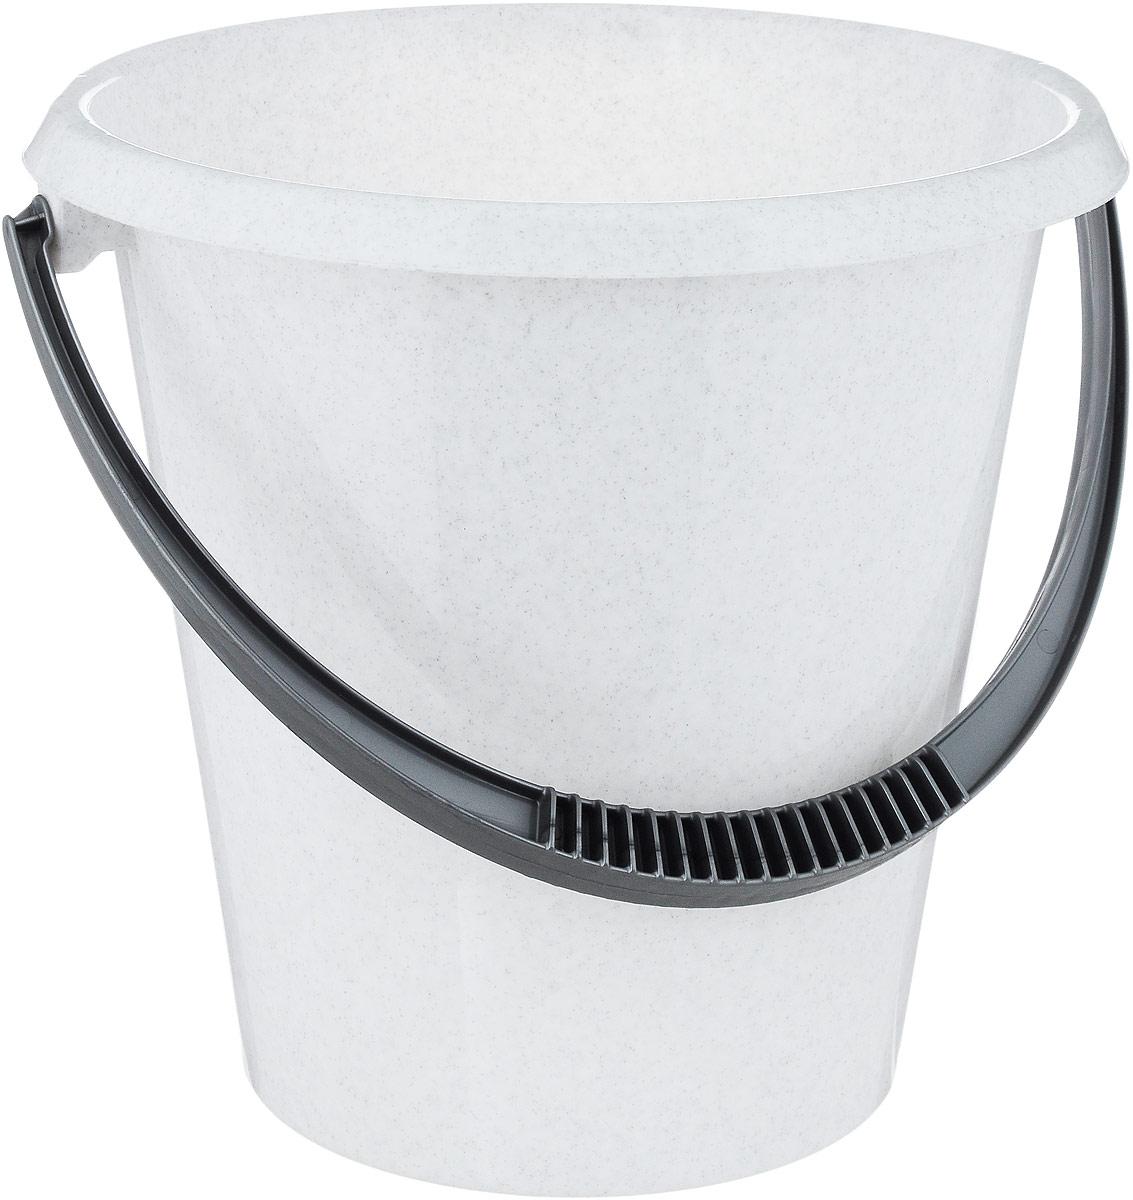 Ведро хозяйственное Idea, цвет: мраморный, 7 лSVC-300Ведро Idea изготовлено из высококачественного прочного пластика. Оно легче железного и не подвержено коррозии. Ведро оснащено удобной пластиковой ручкой. Такое ведро станет незаменимым помощником в хозяйстве.Диаметр (по-верхнему краю): 25,5 см.Высота: 25,5 см.